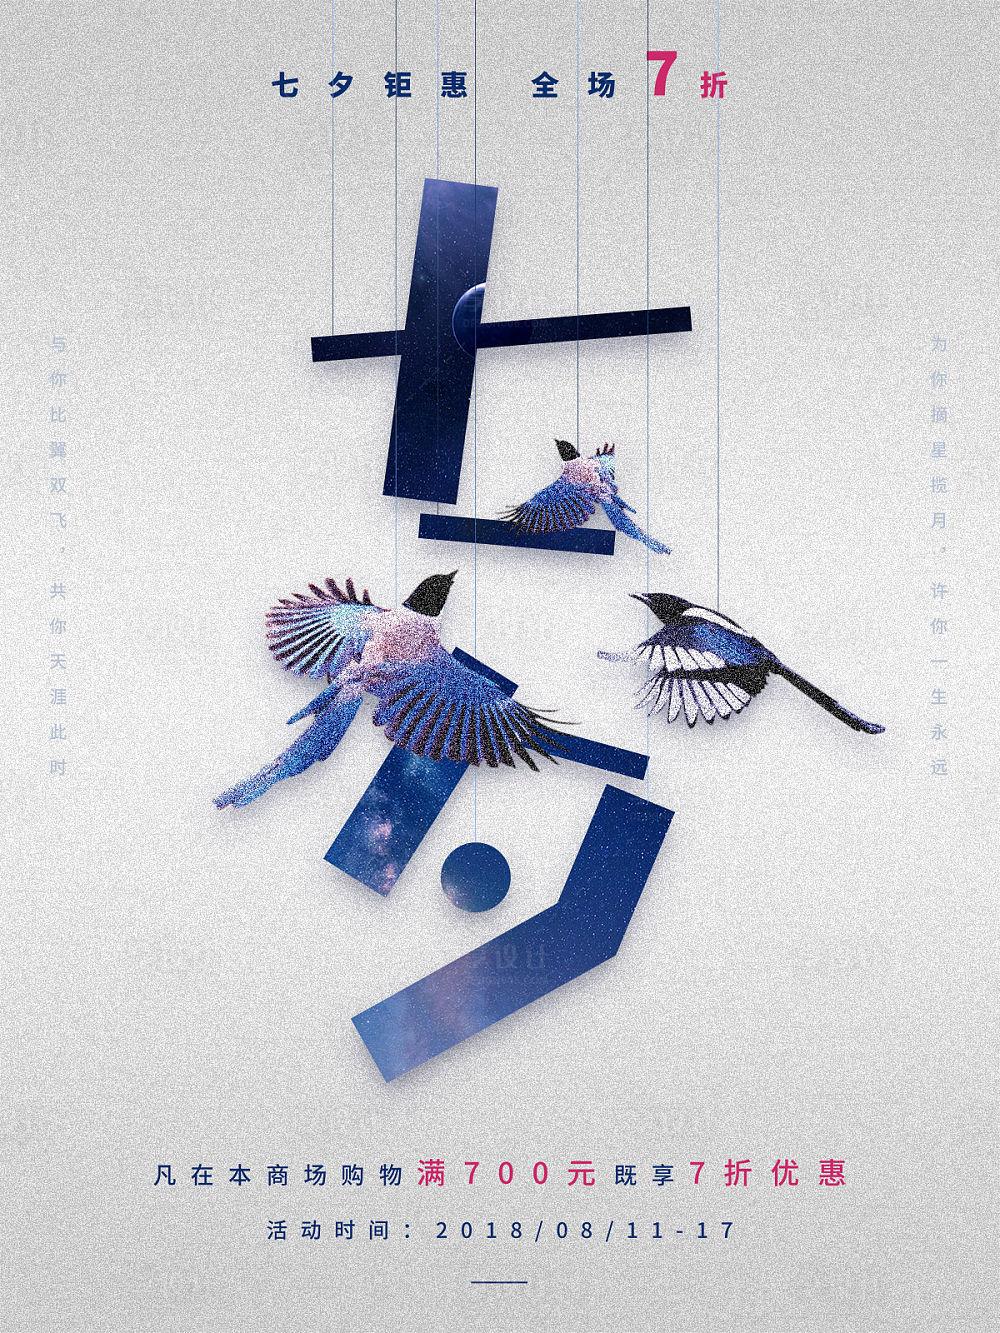 七夕节喜鹊创意促销海报蓝色/灰色psd广告设计素材-享